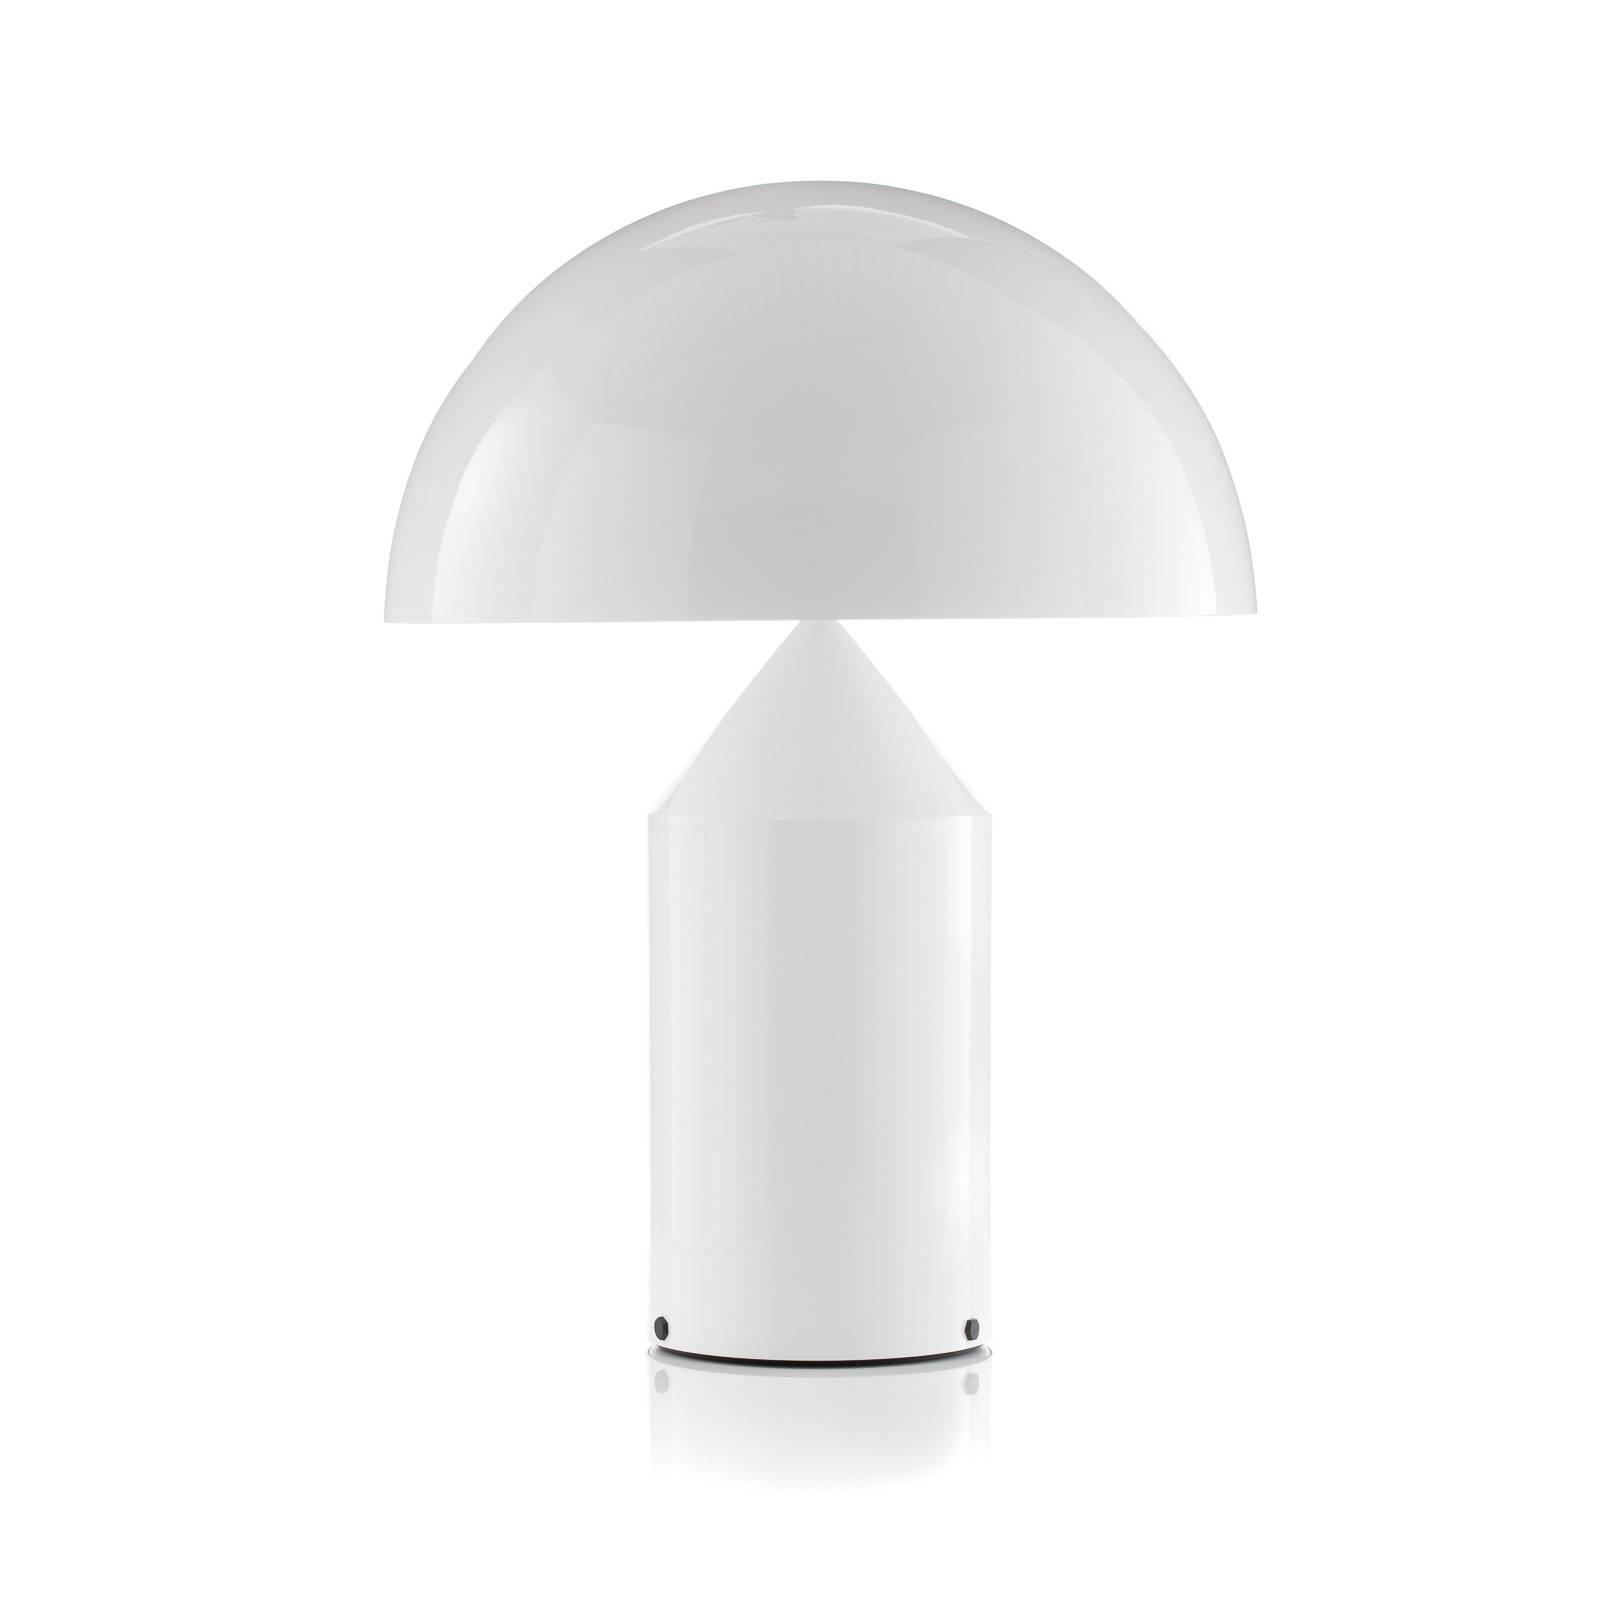 Oluce Atollo Kaufen Online Hamburg: Nachttischlampen Und Andere Lampen Von Oluce. Online